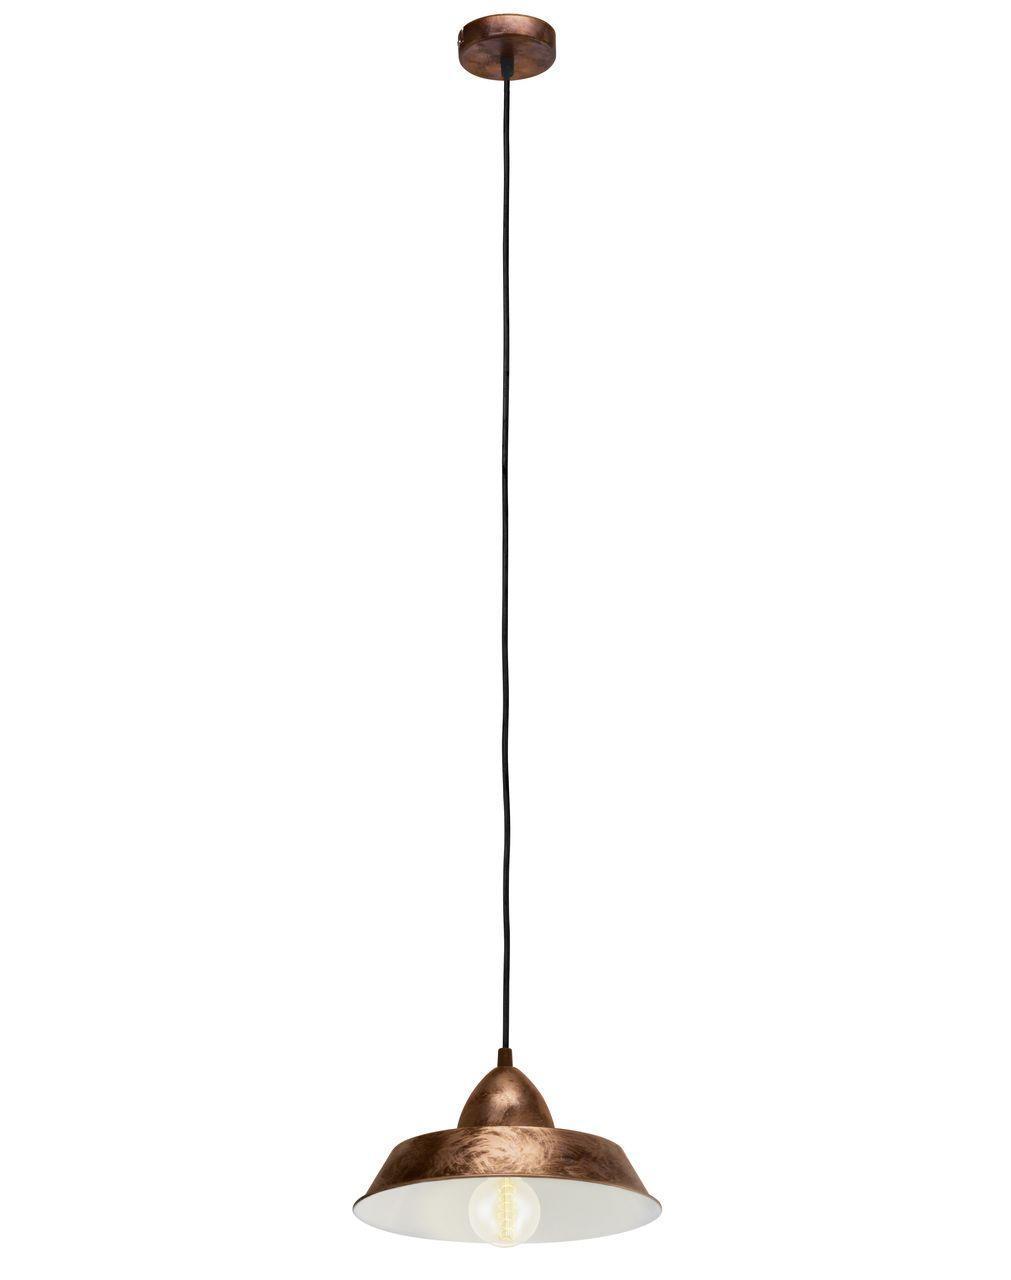 Подвесной светильник Eglo Vintage 49243 подвесной светильник eglo vintage 49243